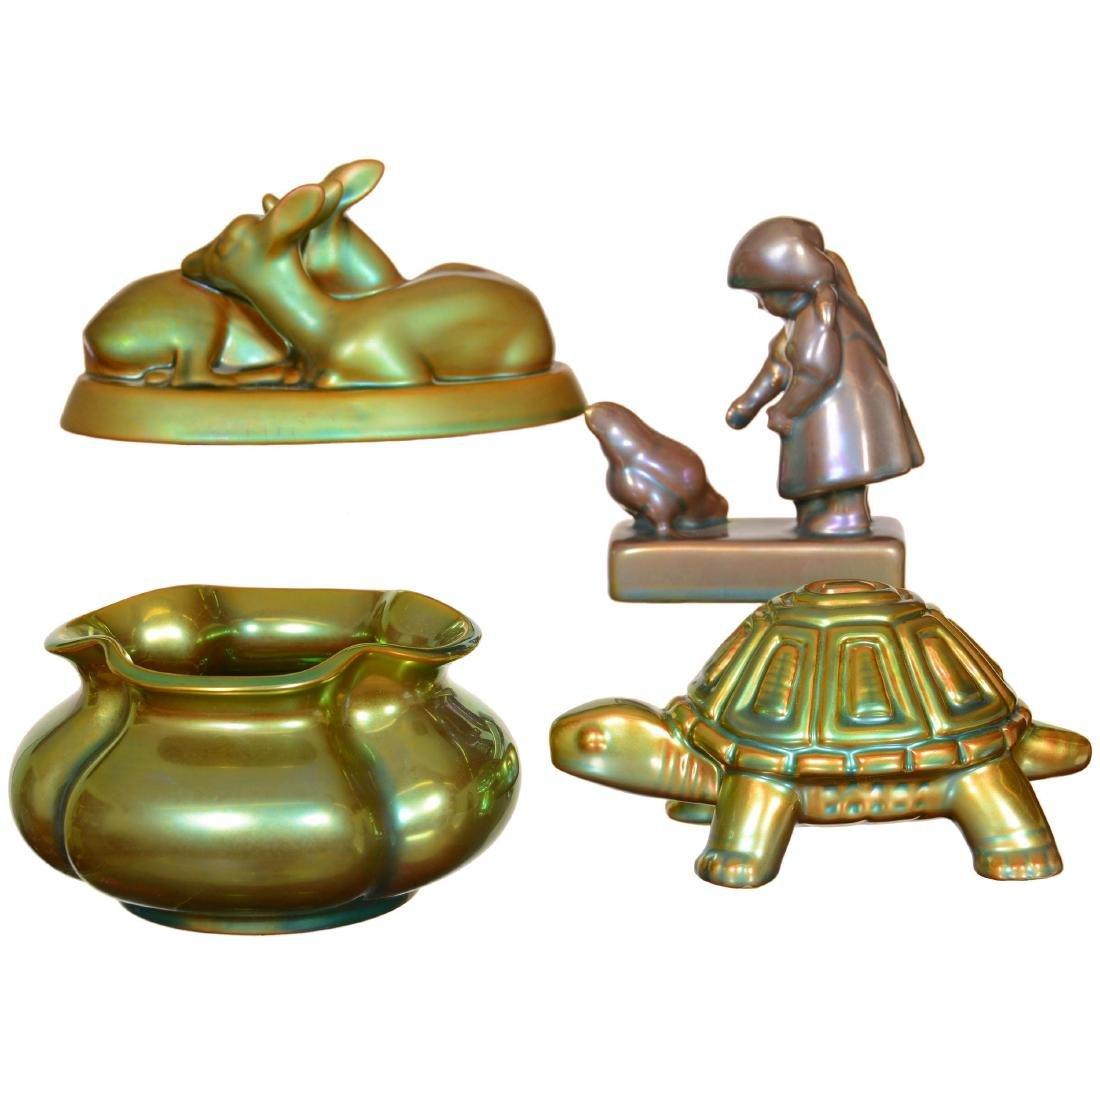 (4) Zsolnay Art Pottery Items - 2